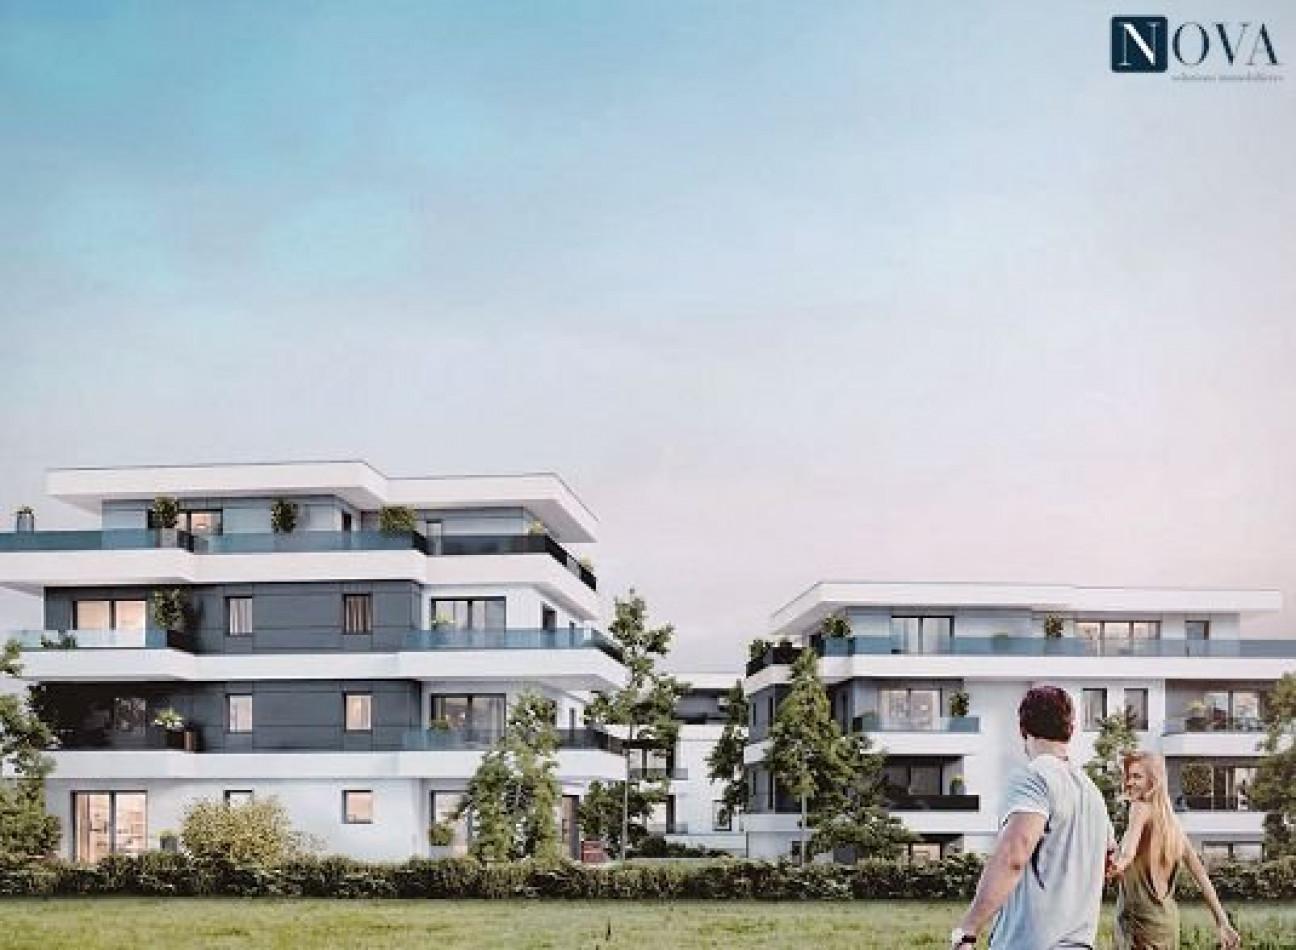 A vendre  Gaillard | Réf 74029621 - Nova solutions immobilieres